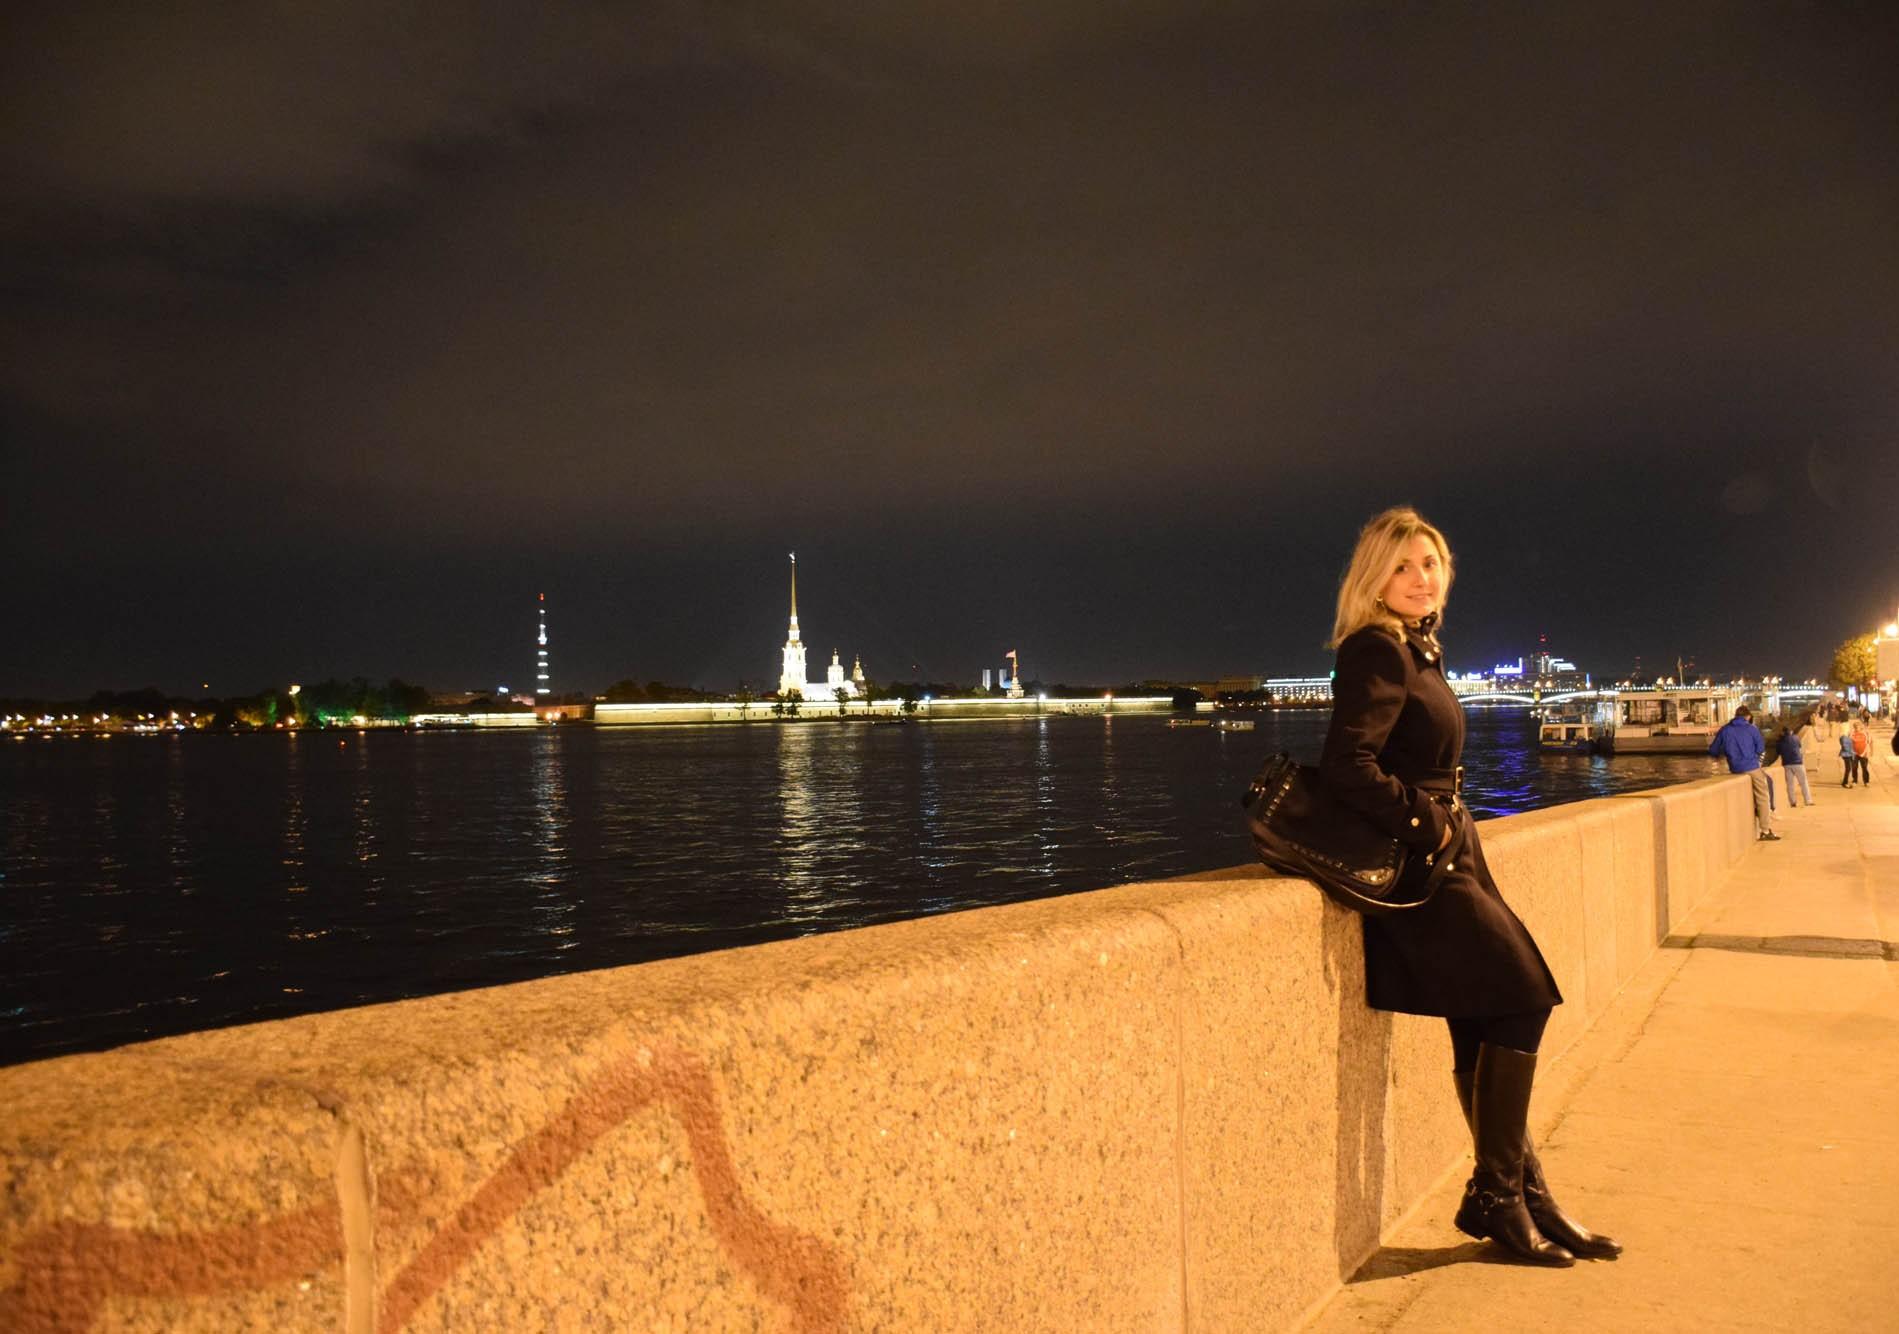 São Petersburgo by night - nas margens do Rio Neva